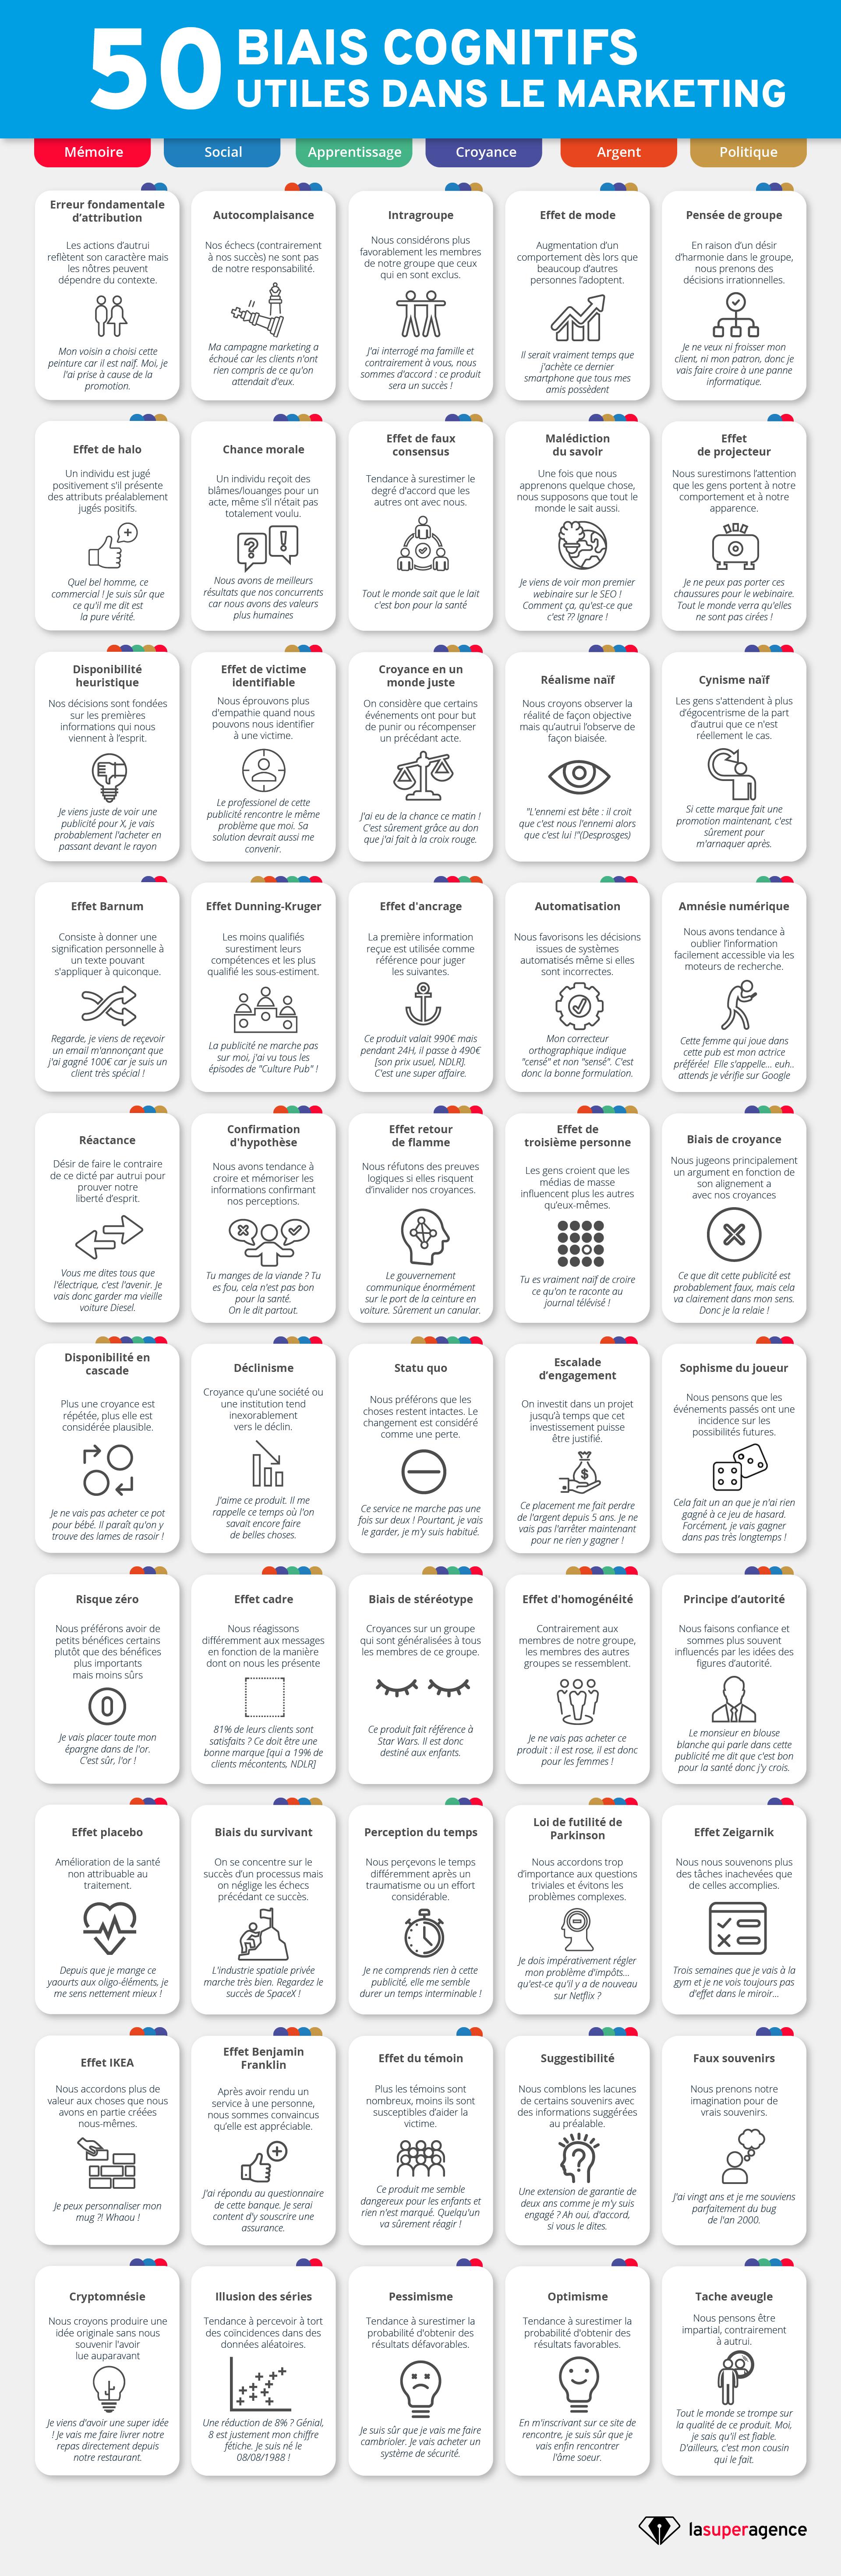 Infographie biais cognitifs